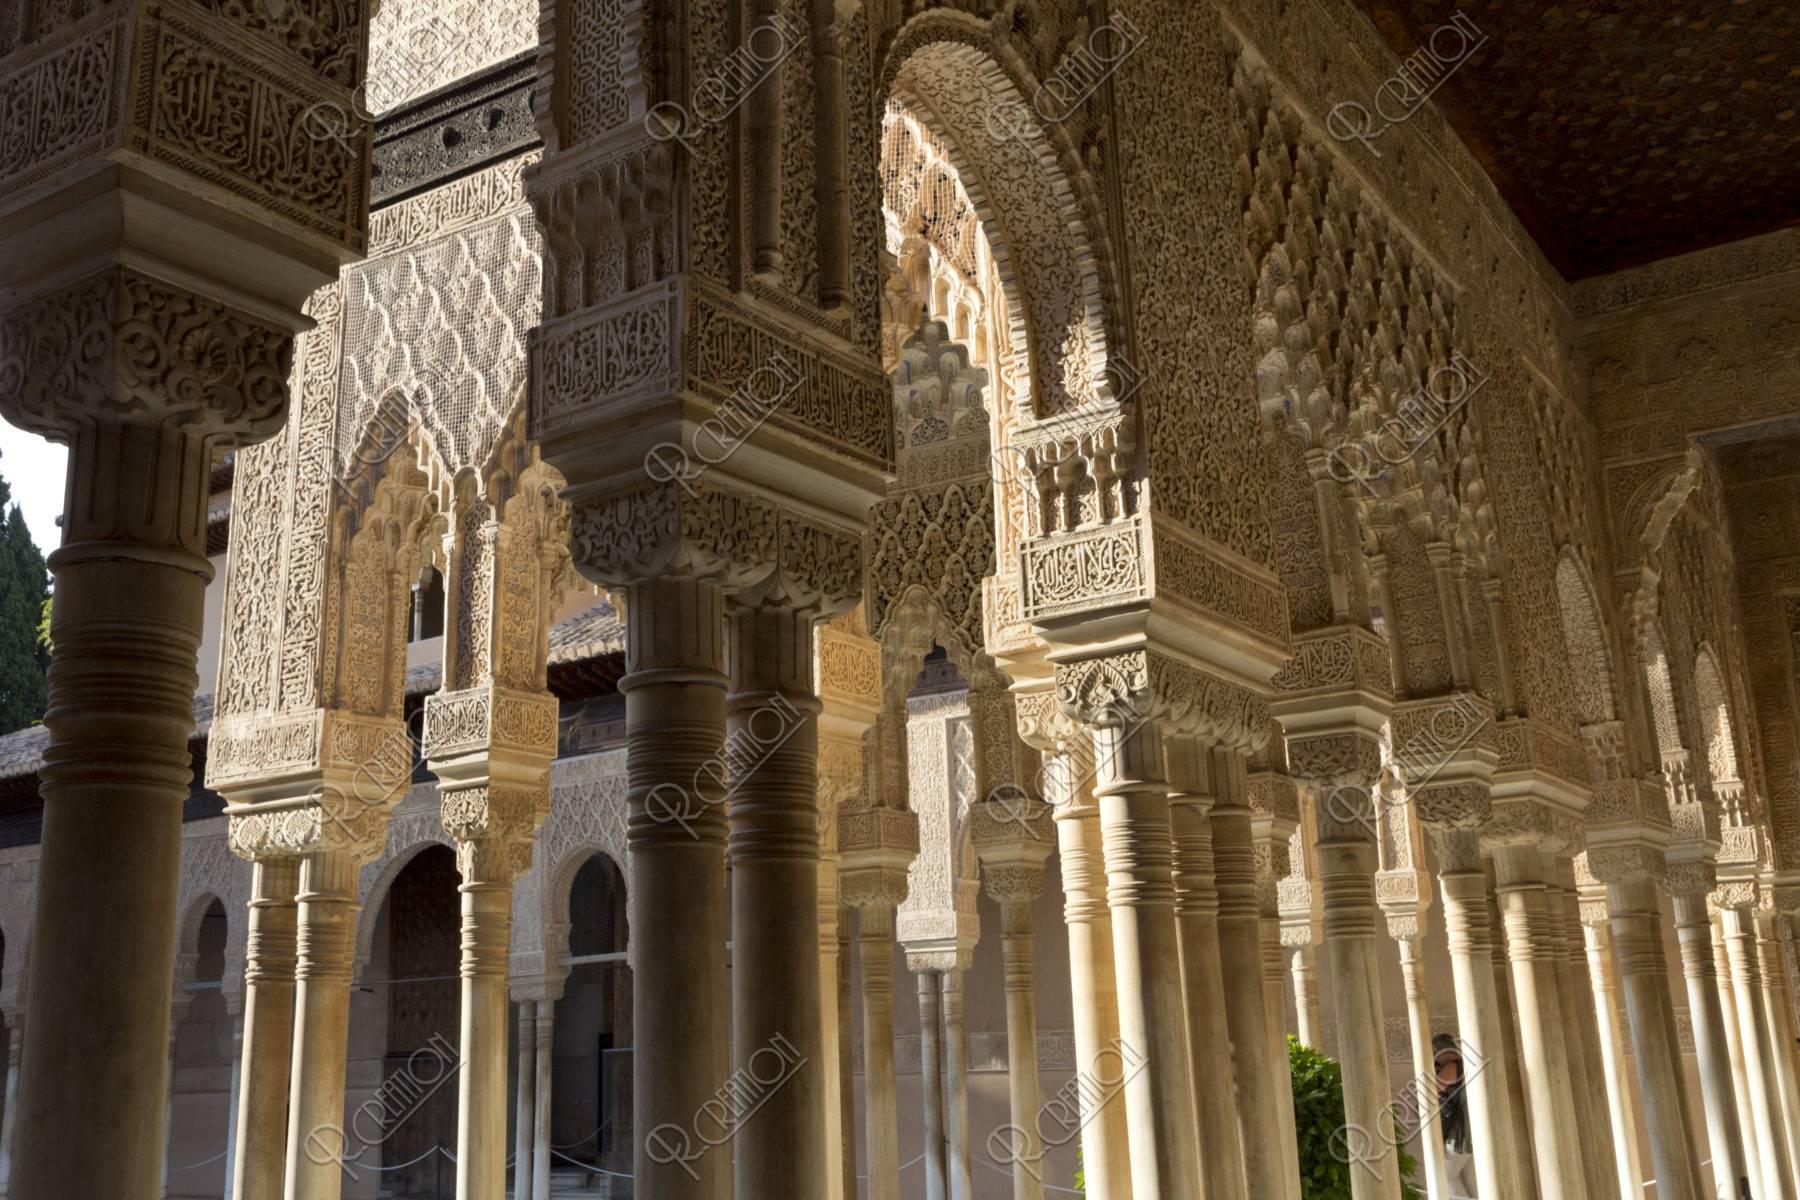 アルハンブラ宮殿 ライオンの中庭